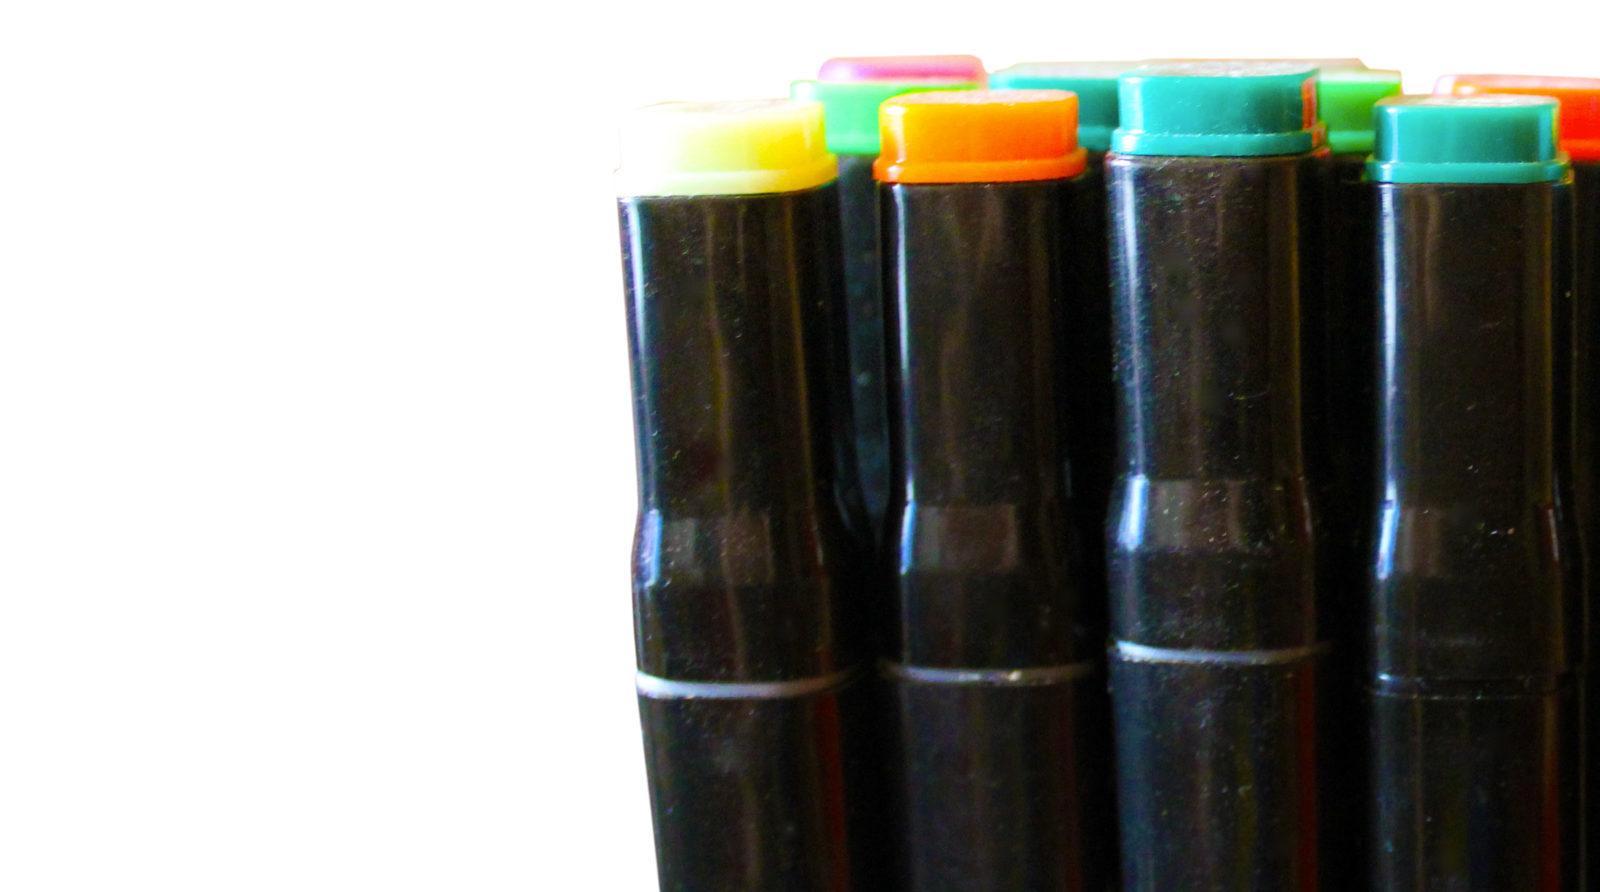 feutres pencils couleurs